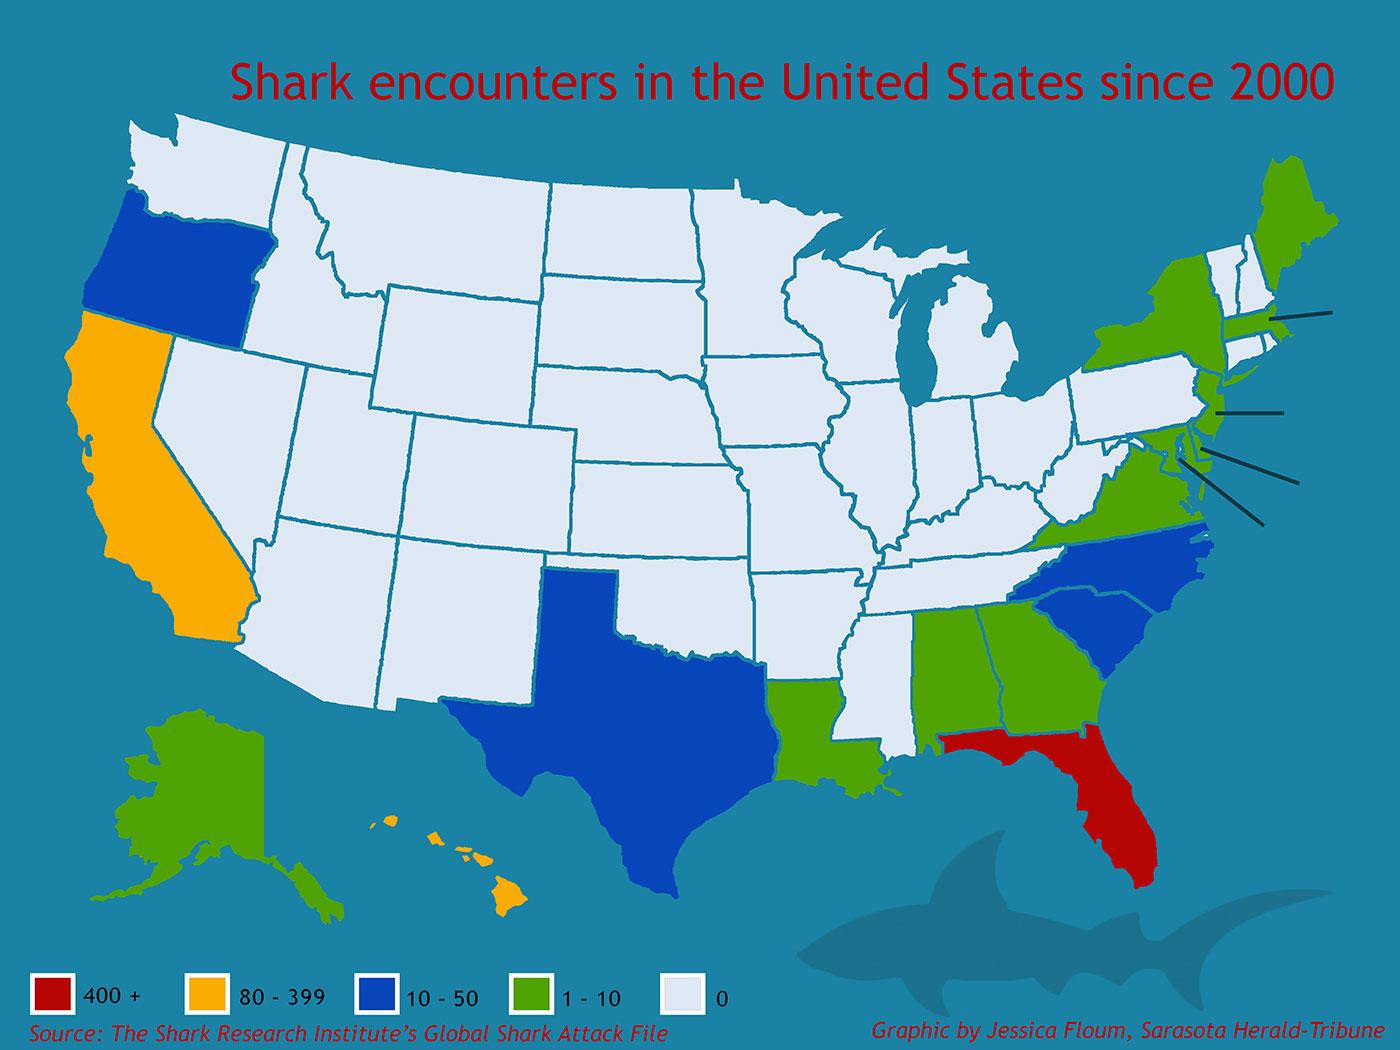 shark encounters since 2000